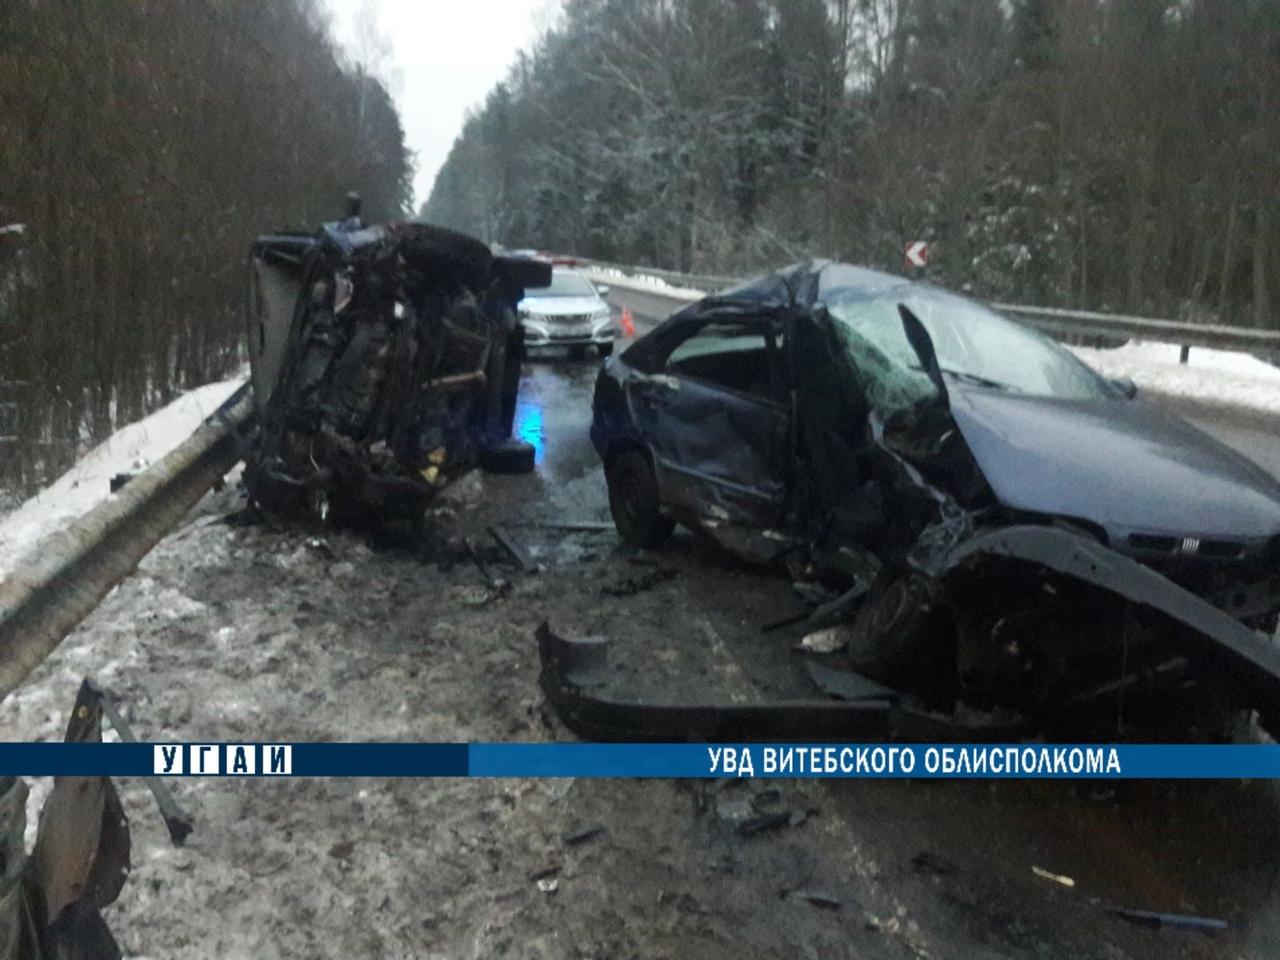 Один человек погиб, четверо попали в больницу в результате лобового столкновения автомобилей в Полоцком районе